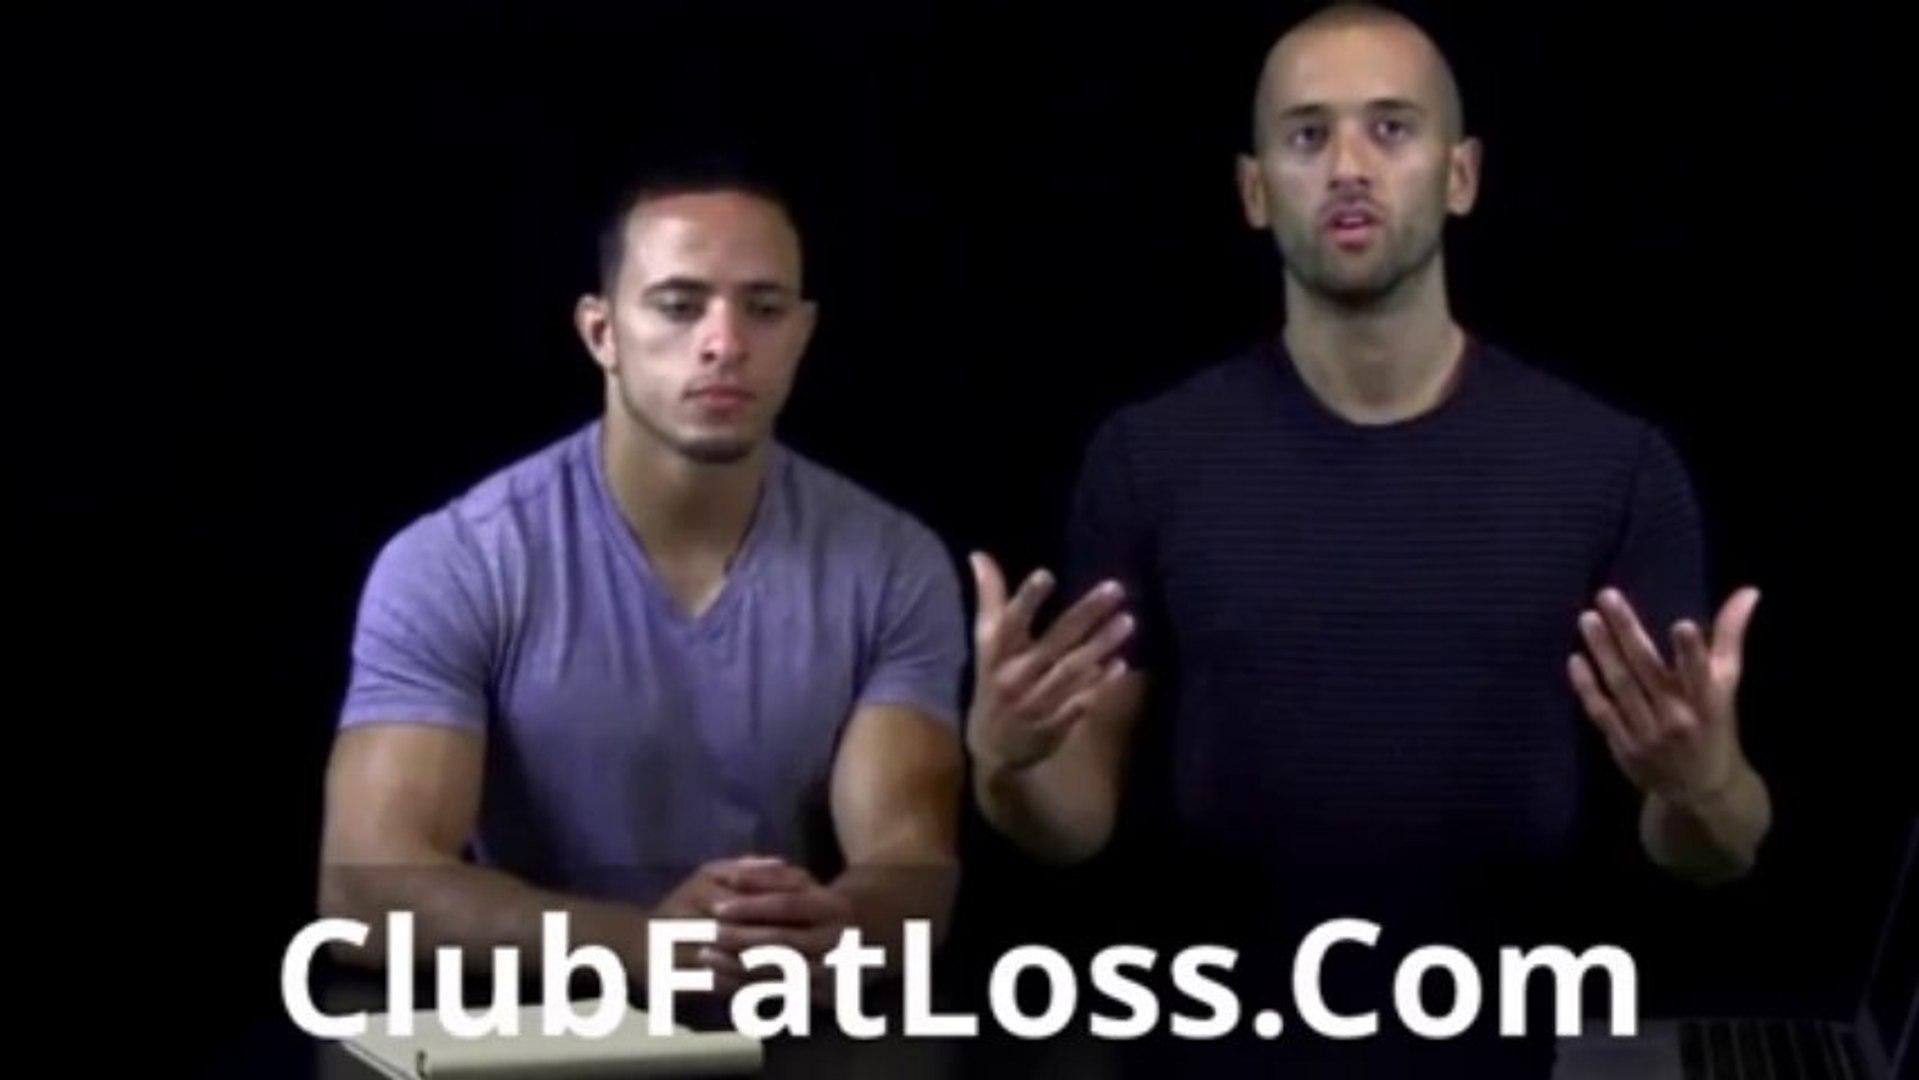 Motivational weight loss video